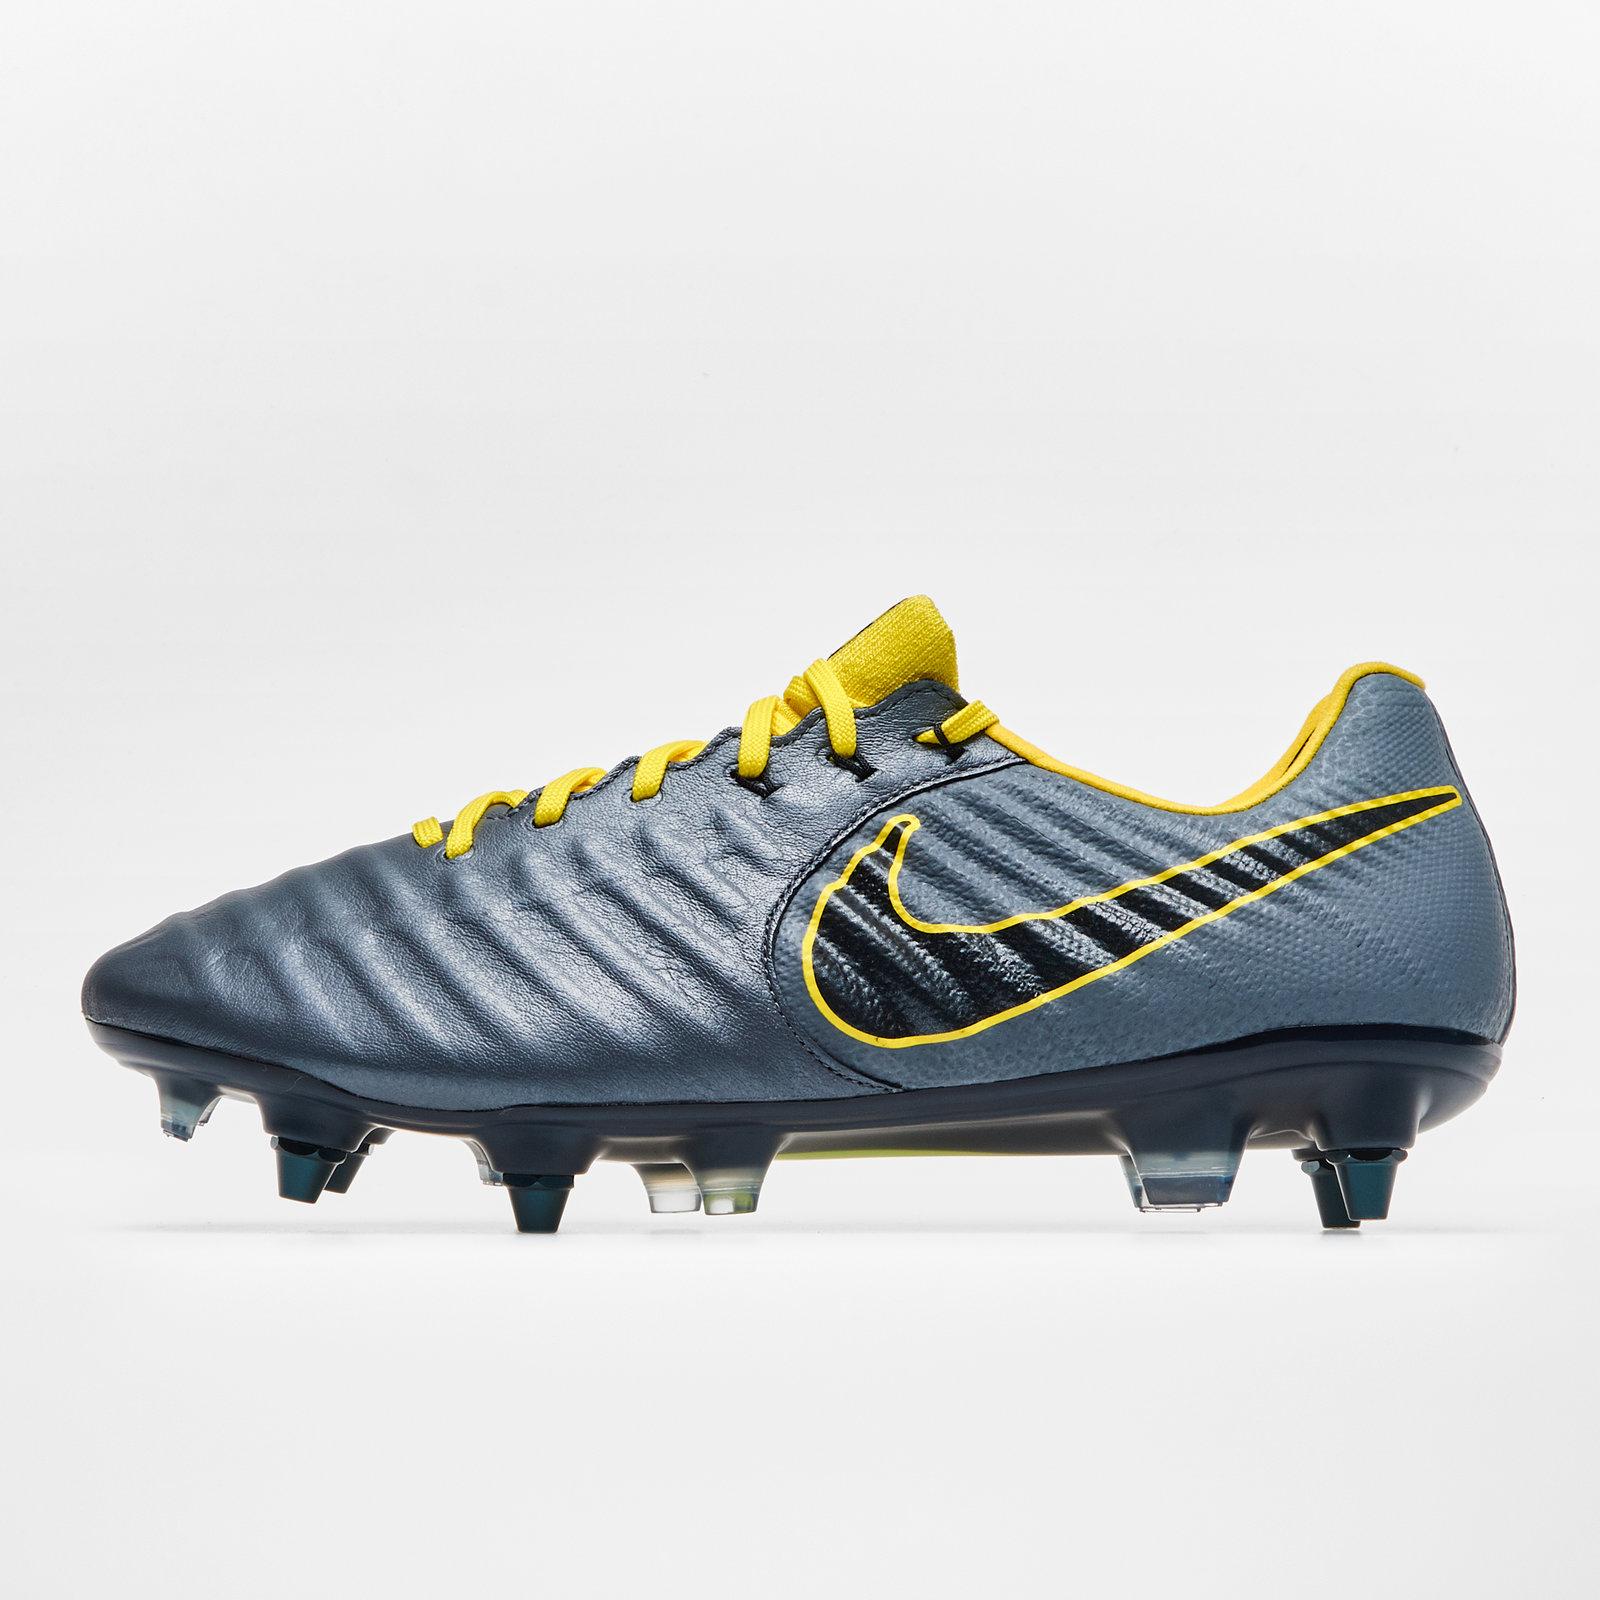 05837a4a80e Nike Tiempo Legend VII Elite SG-Pro Anti-Clog Soft-Ground Football Boot -  Grey